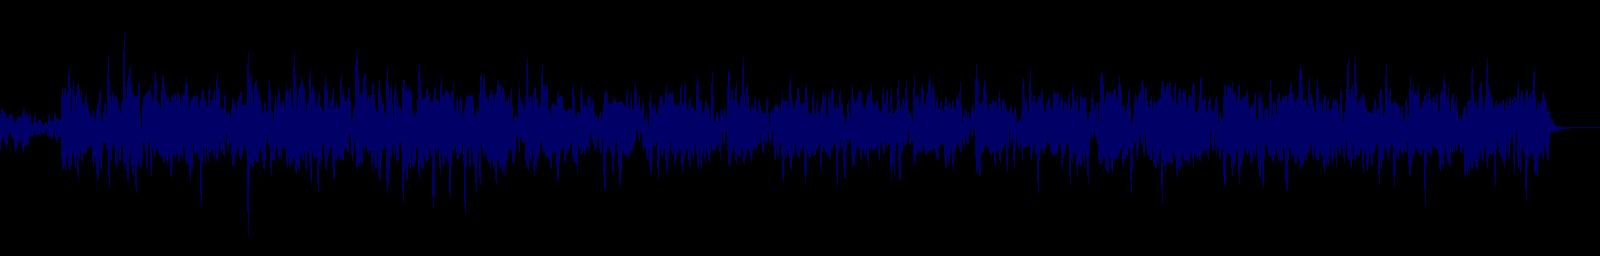 waveform of track #93432